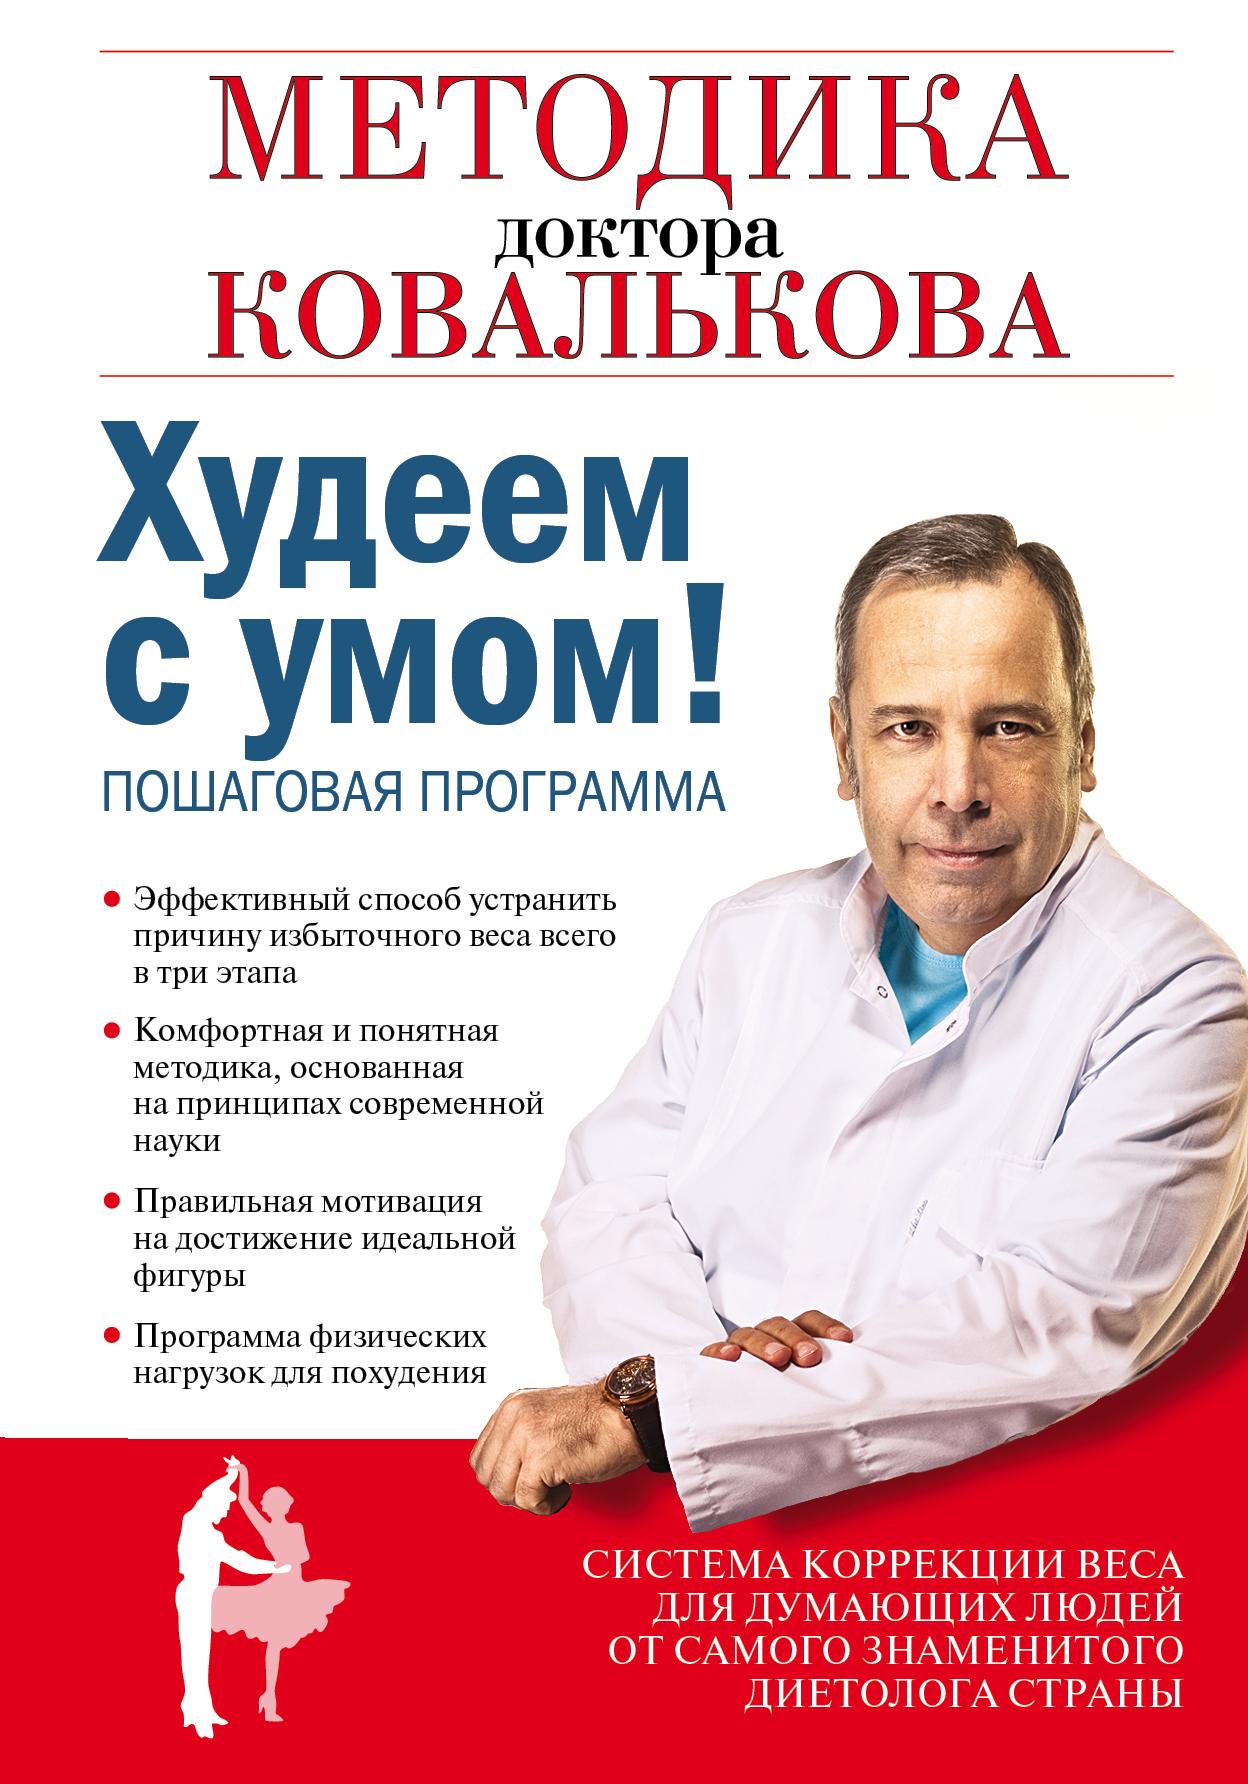 Диетолог ковальков официальный сайт как похудеть